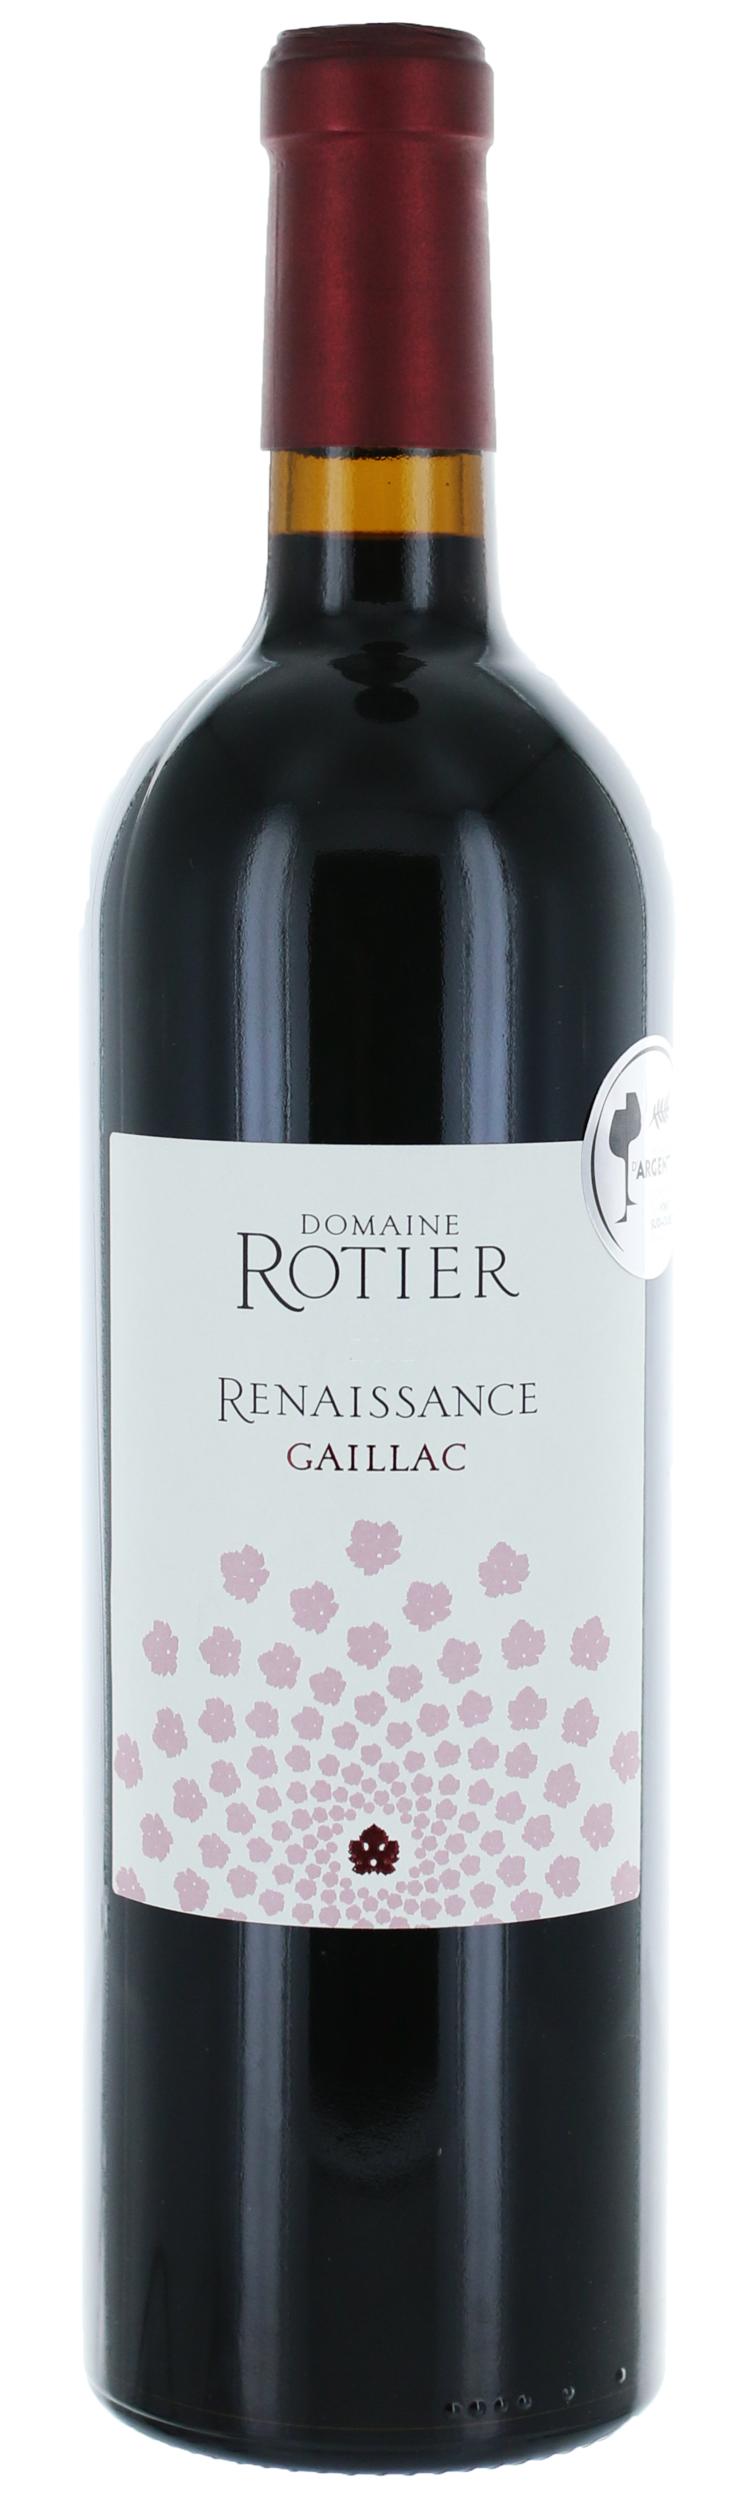 Gaillac - Renaissance - Domaine Rotier - 2017 - BIO